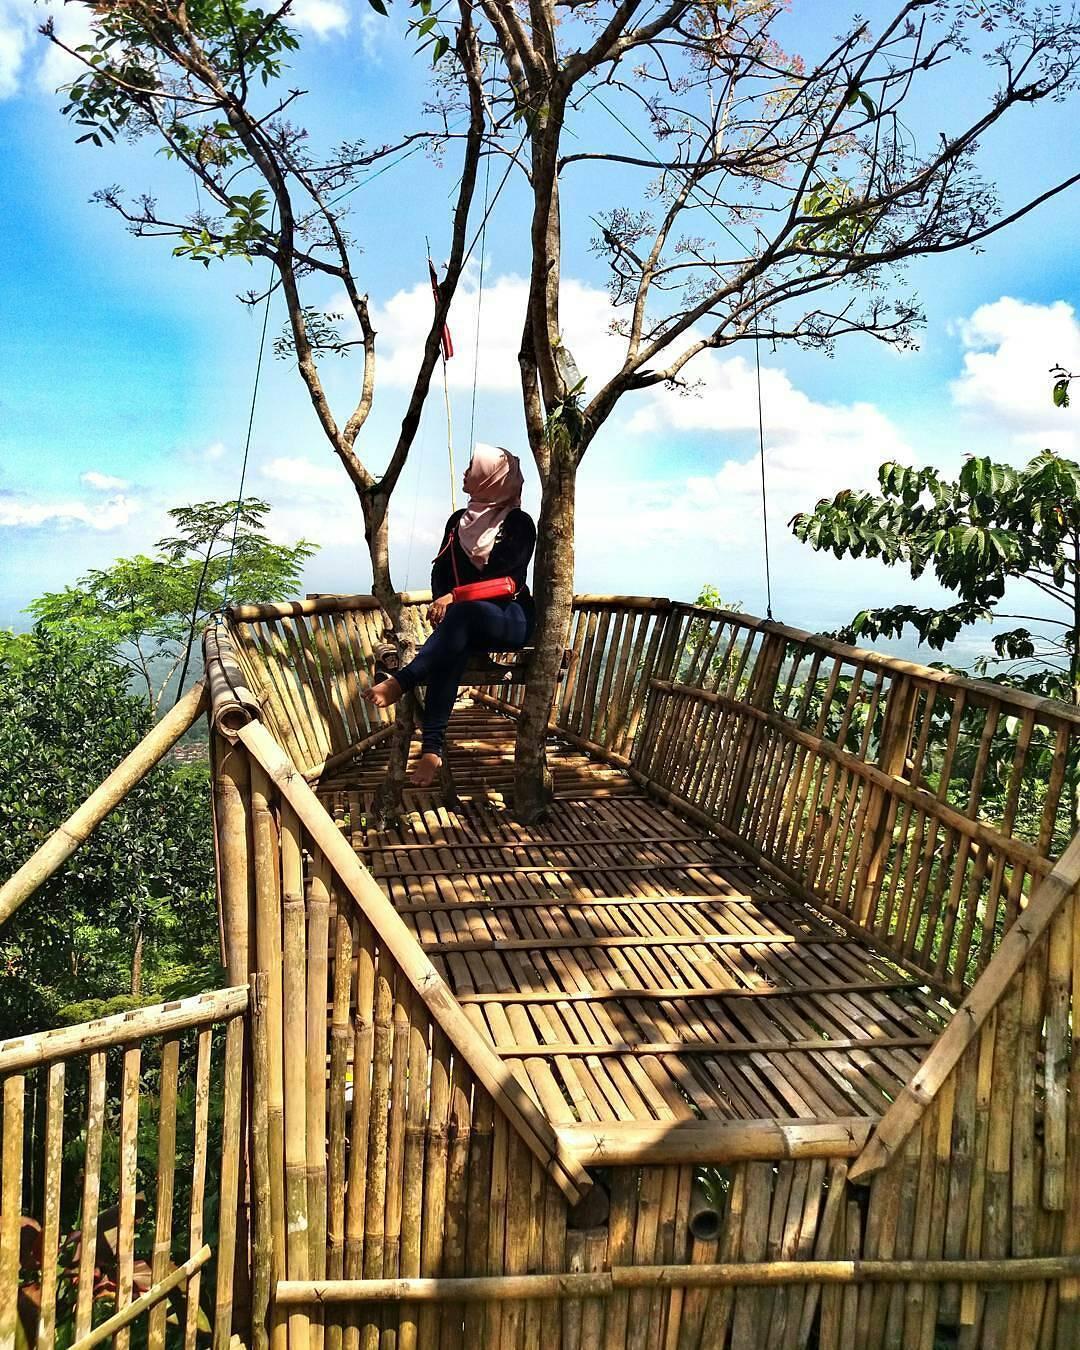 37 Wisata Purbalingga Bisa Banget Mempercantik Rumah Pohon Watu Geong